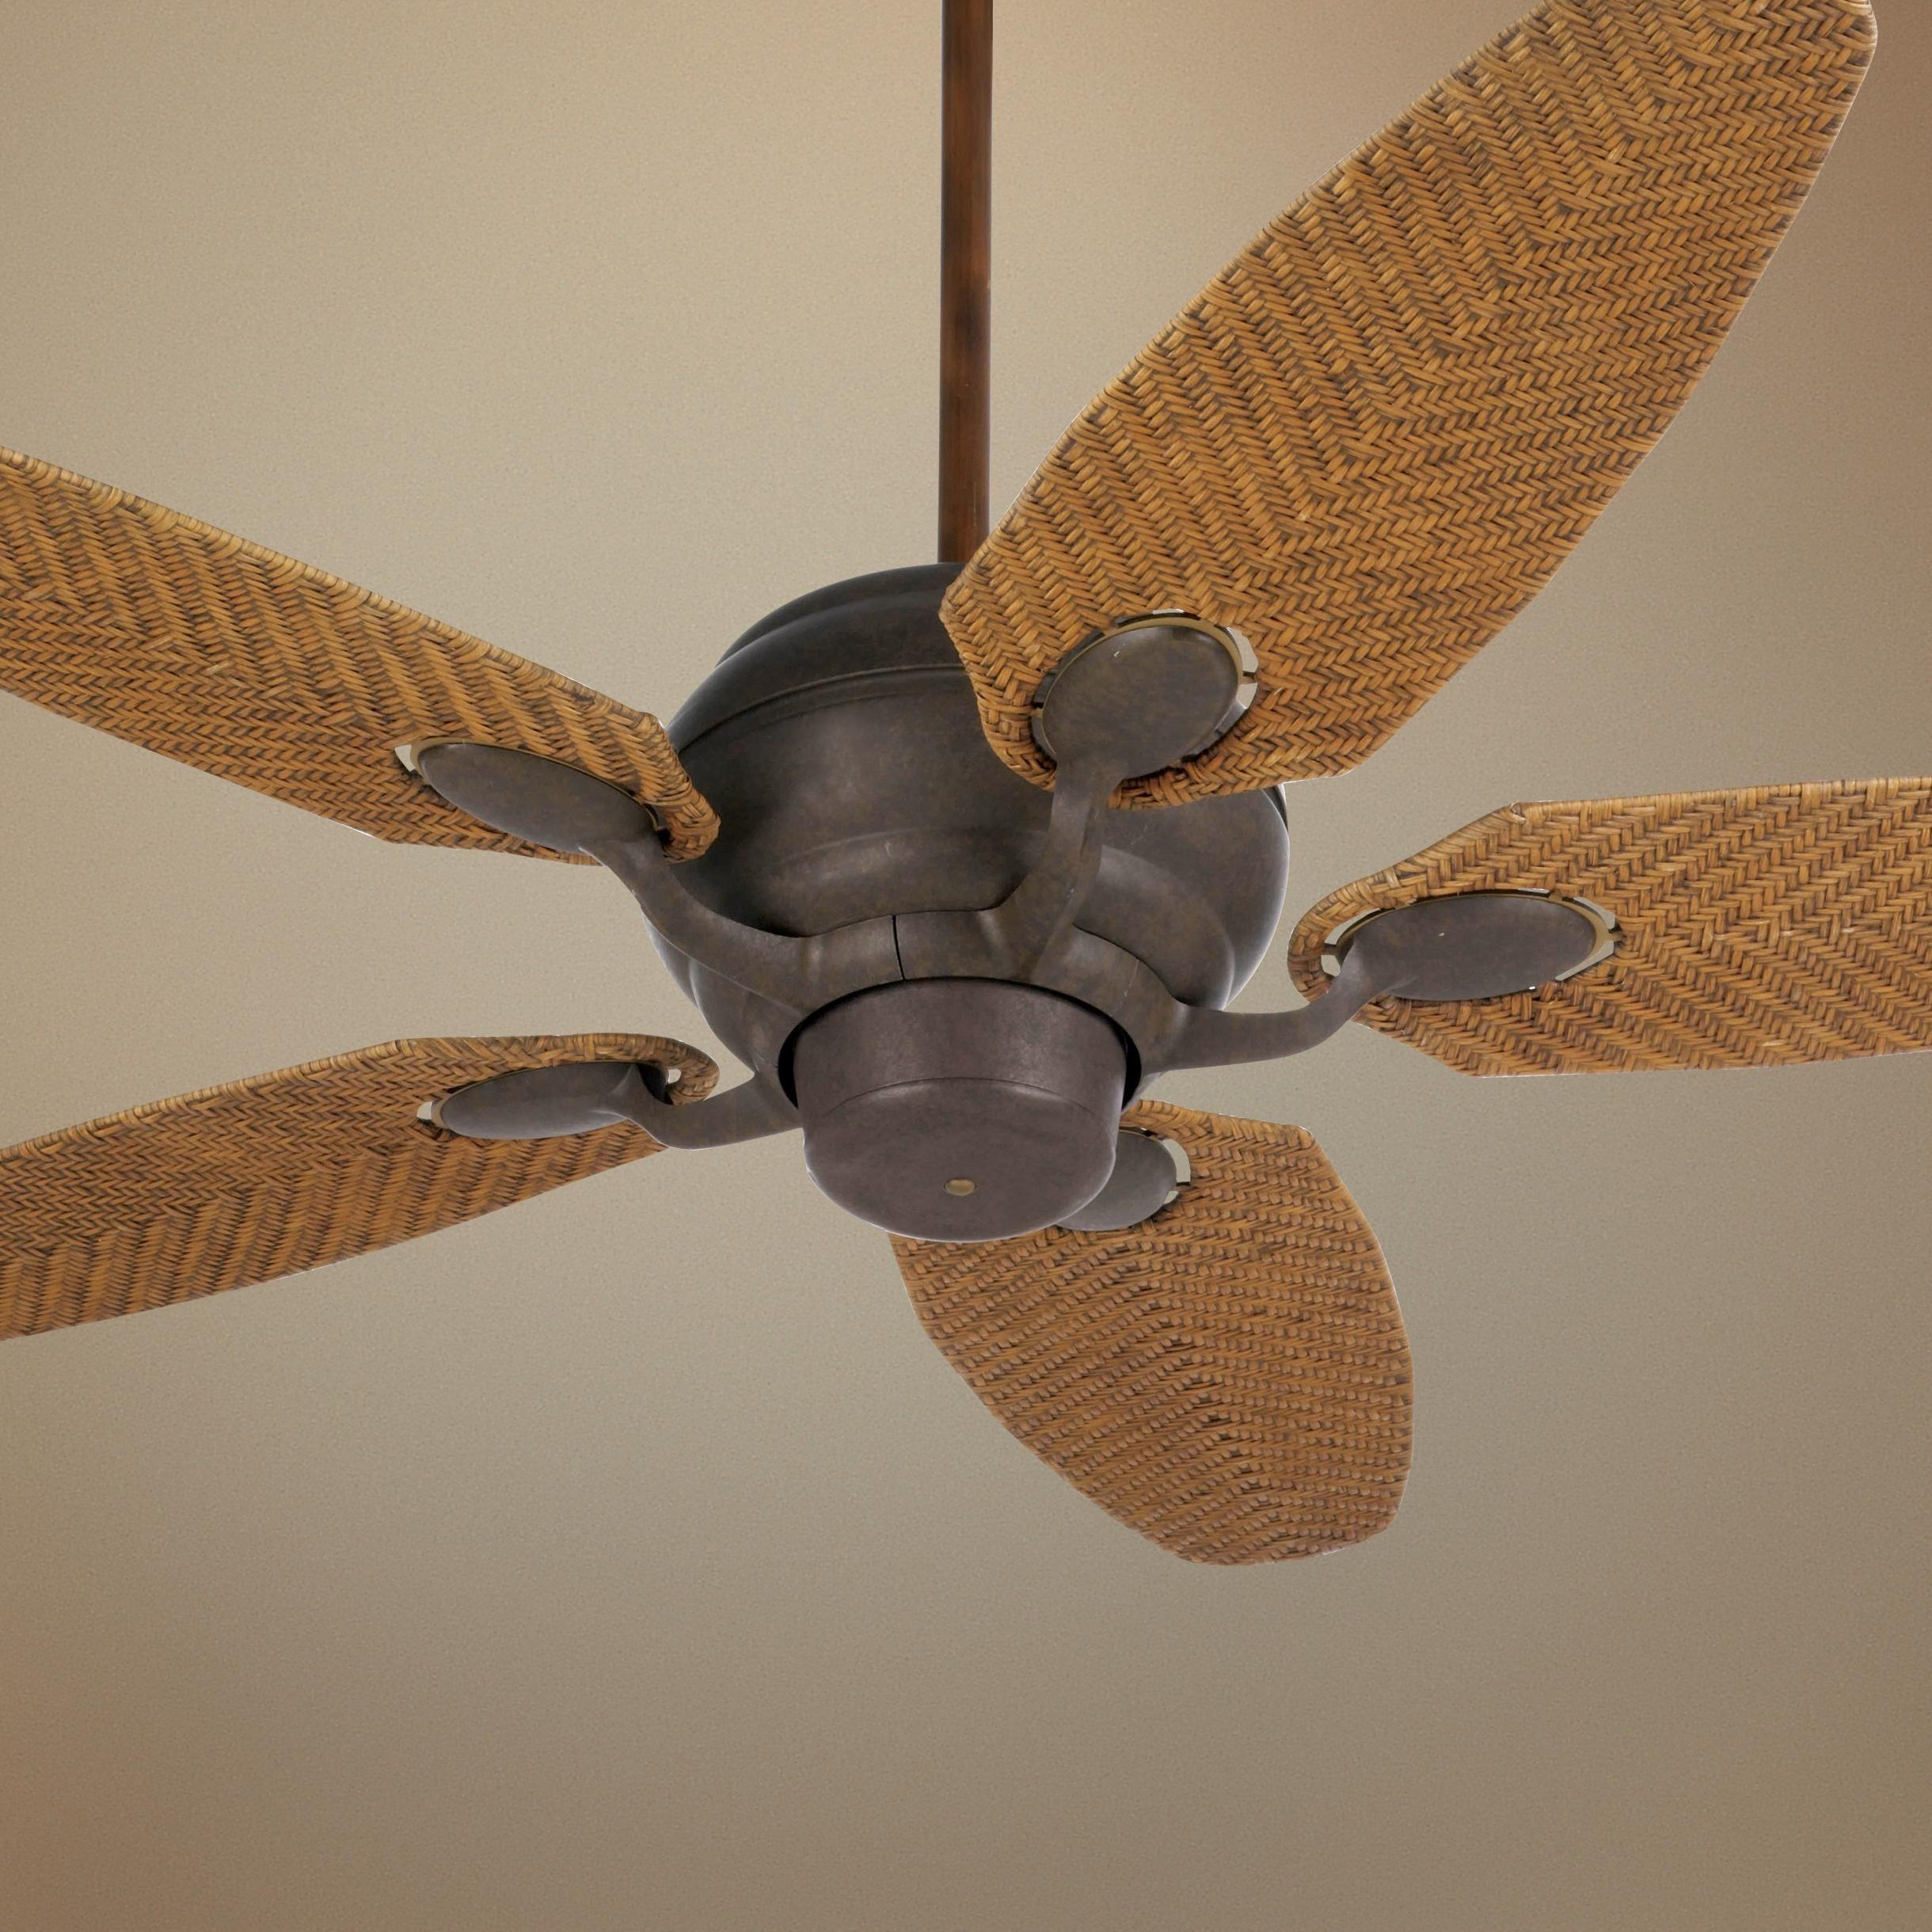 52 Casa Optima Honey Rattan Blades Ceiling Fan 86814 88828 Lamps Plus Ceiling Fan Coastal Ceiling Fan Black Ceiling Fan